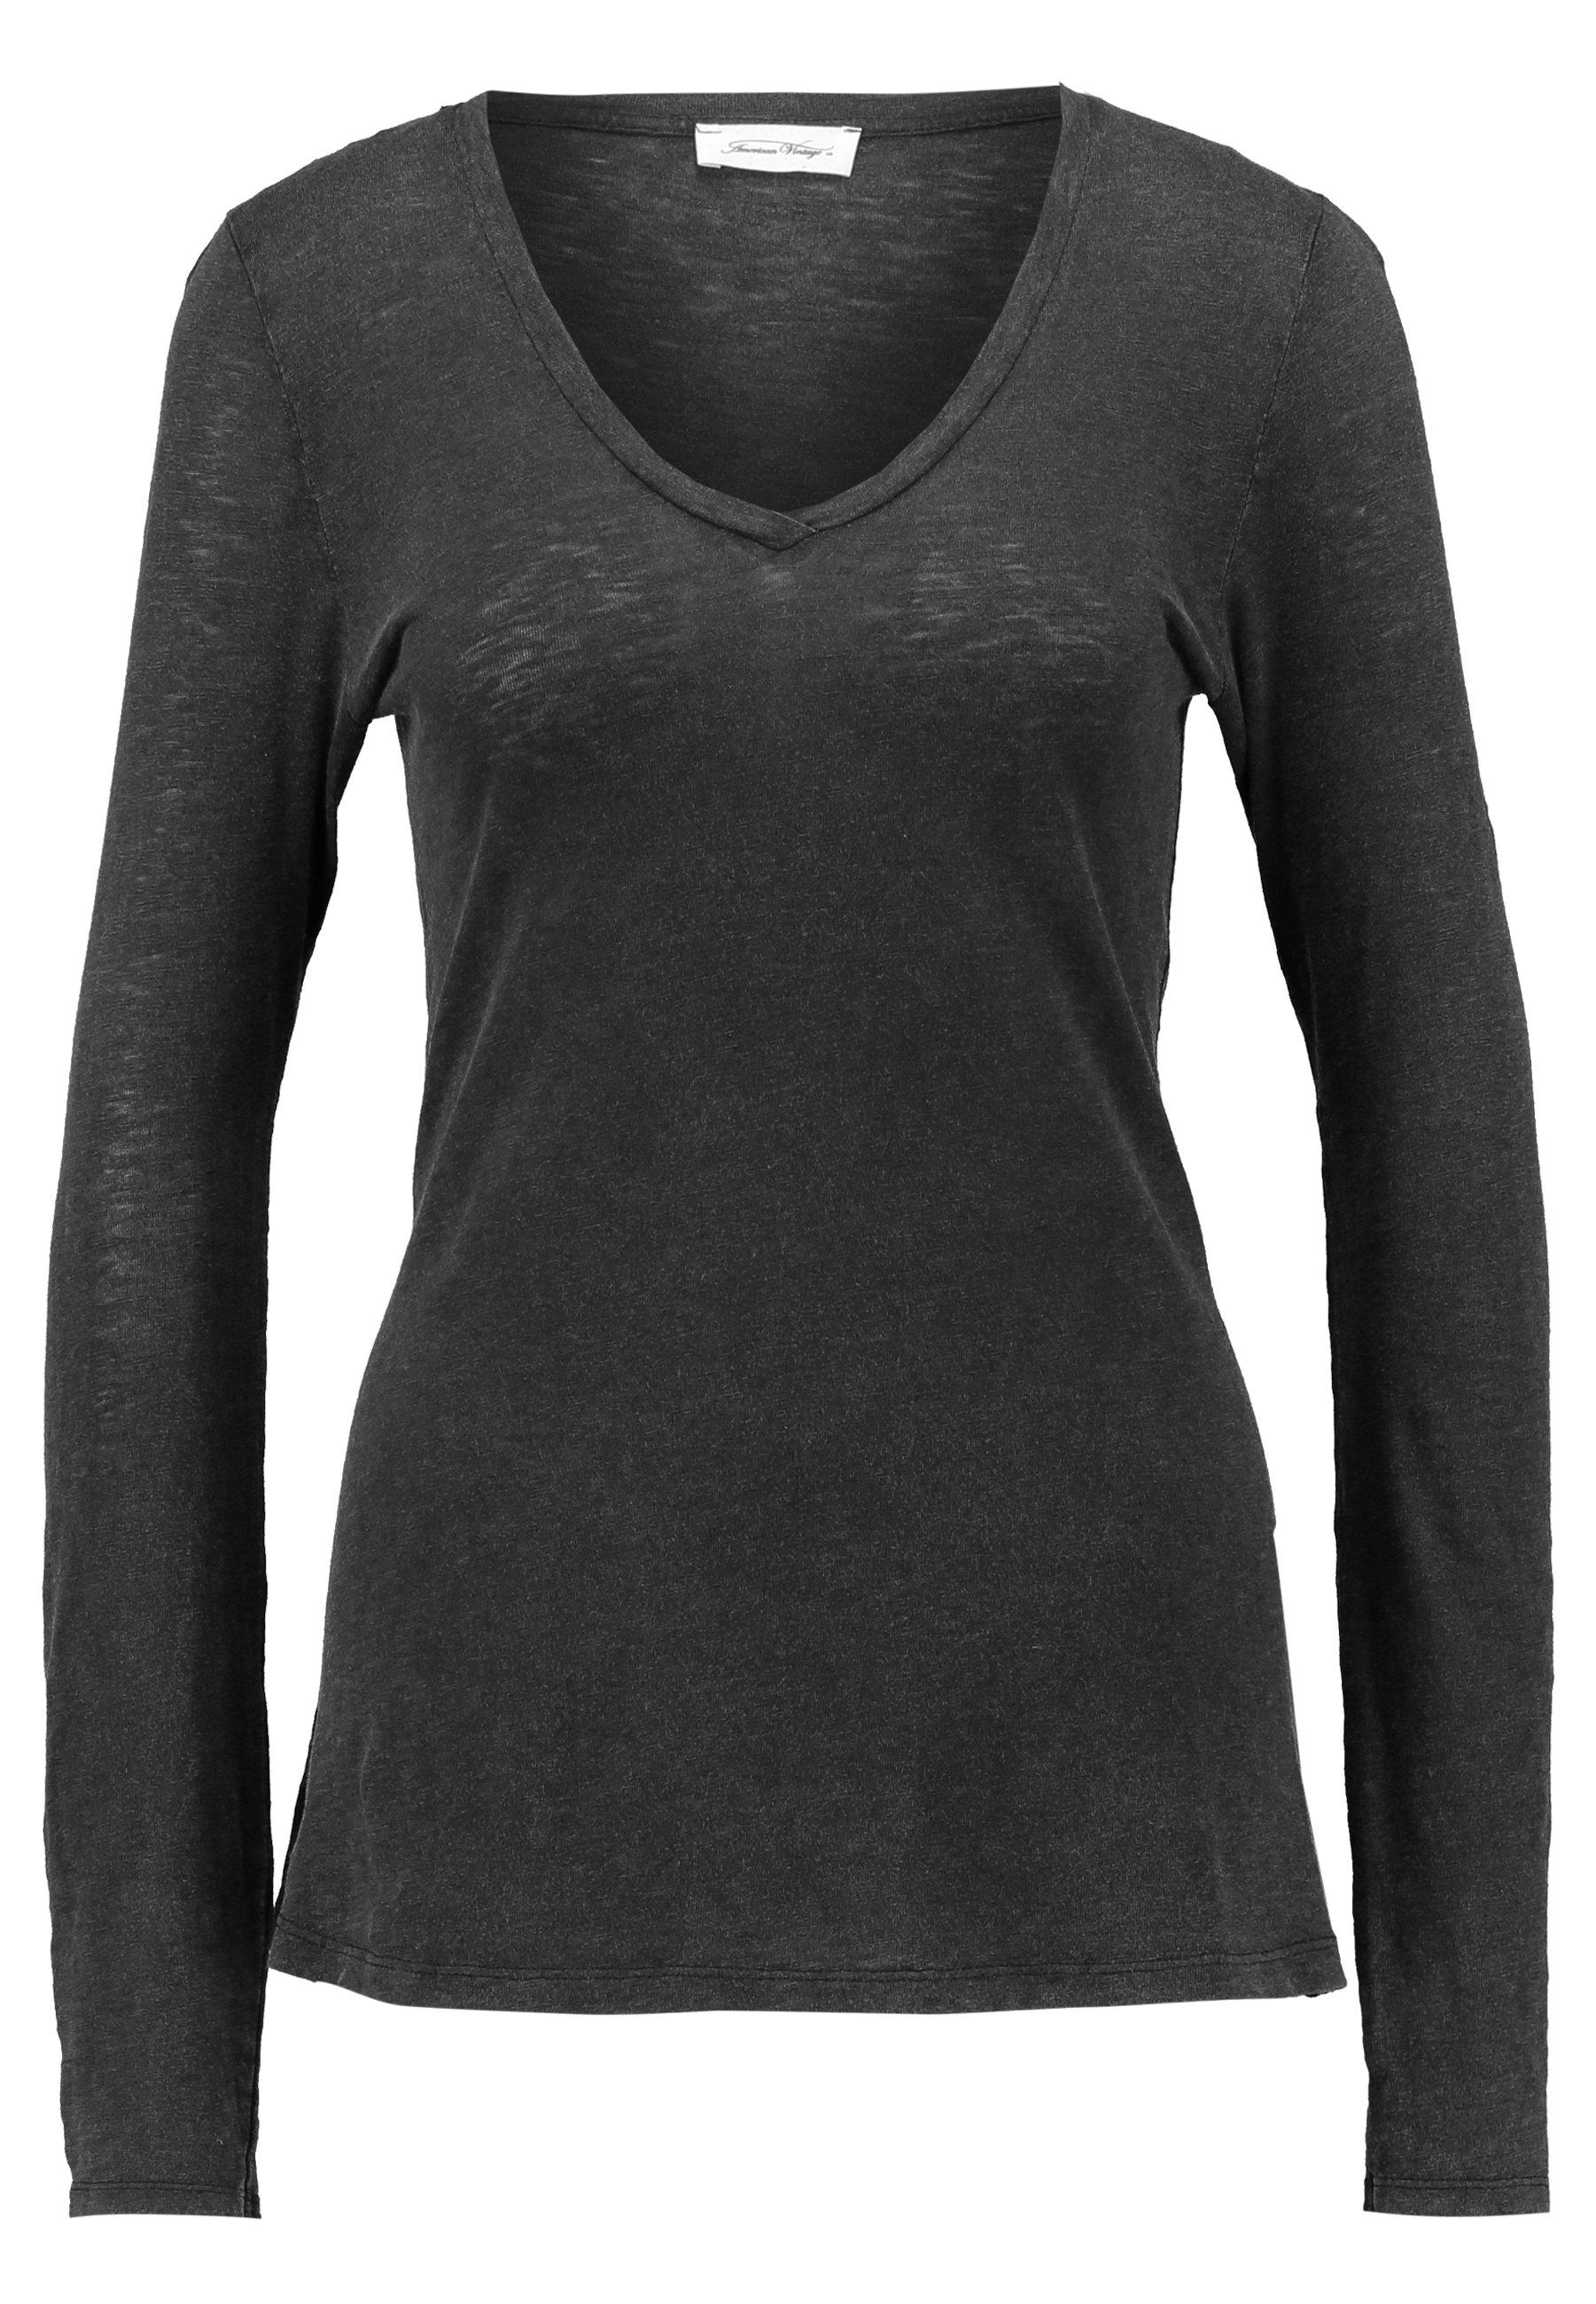 American Vintage Kobibay - Long Sleeved Top Black UK